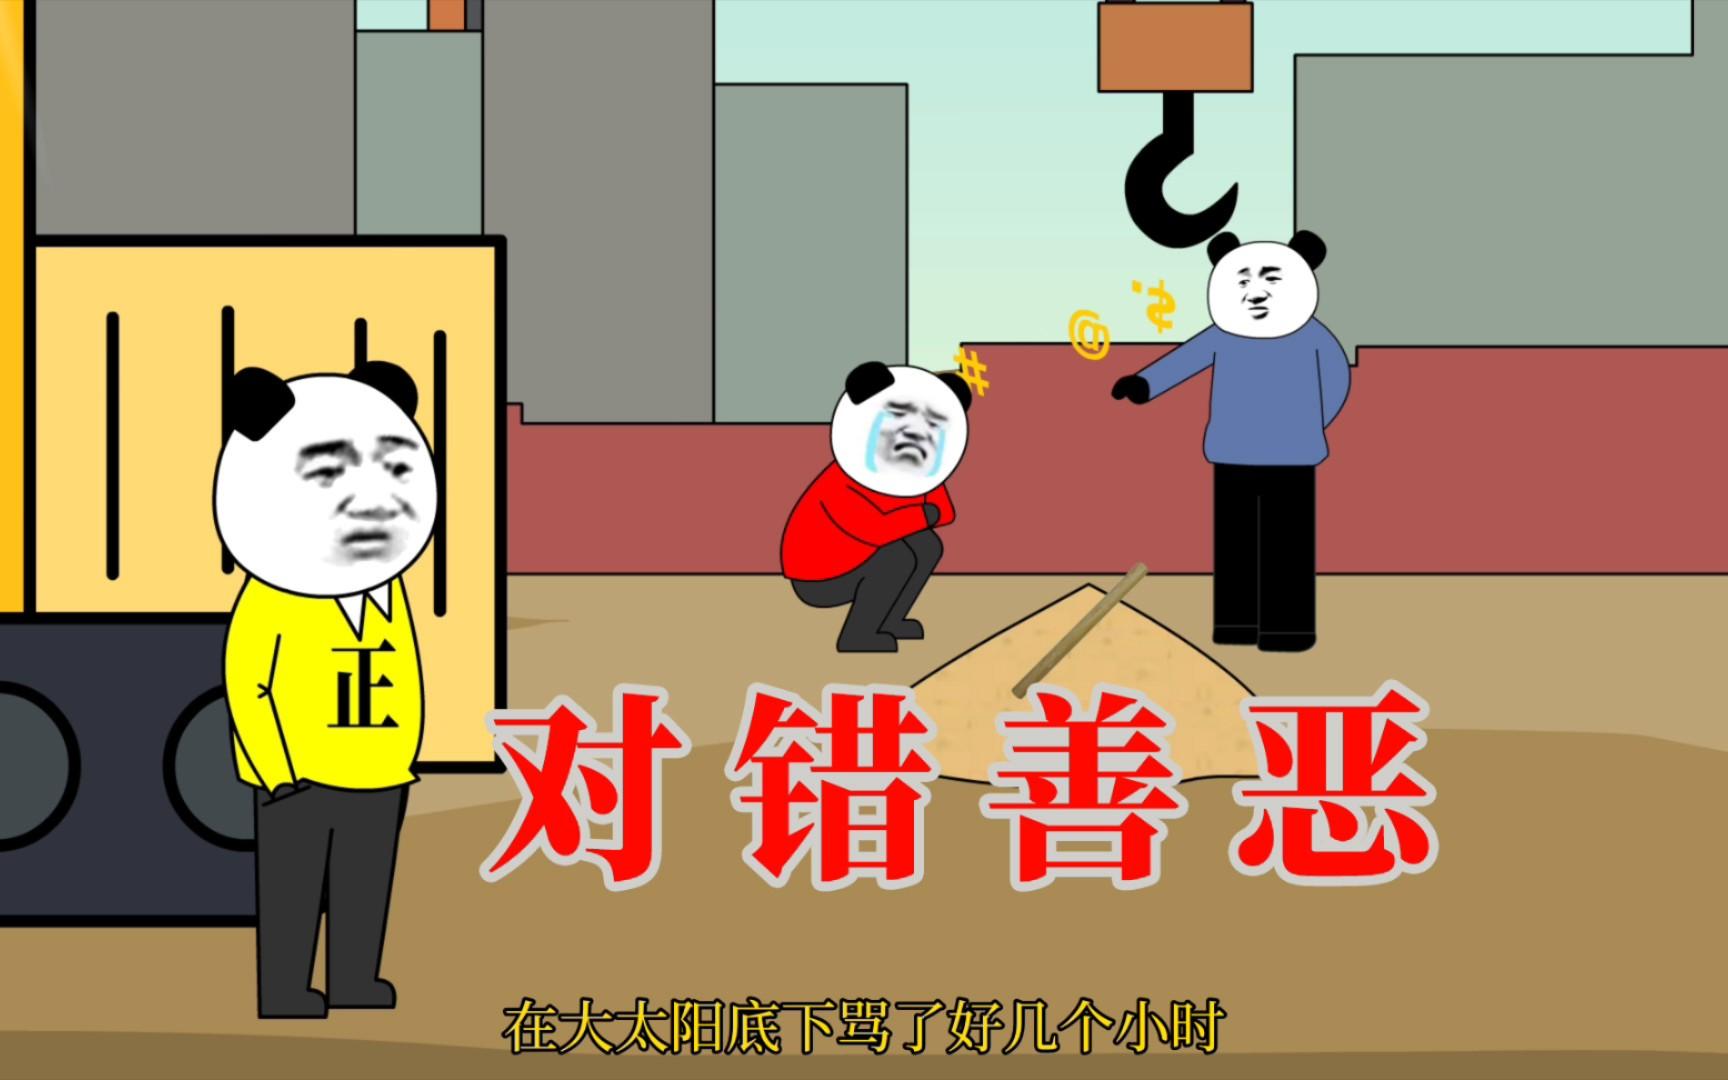 【沙雕动画】成年人的世界, 没有对错善恶, 只有立场不同。